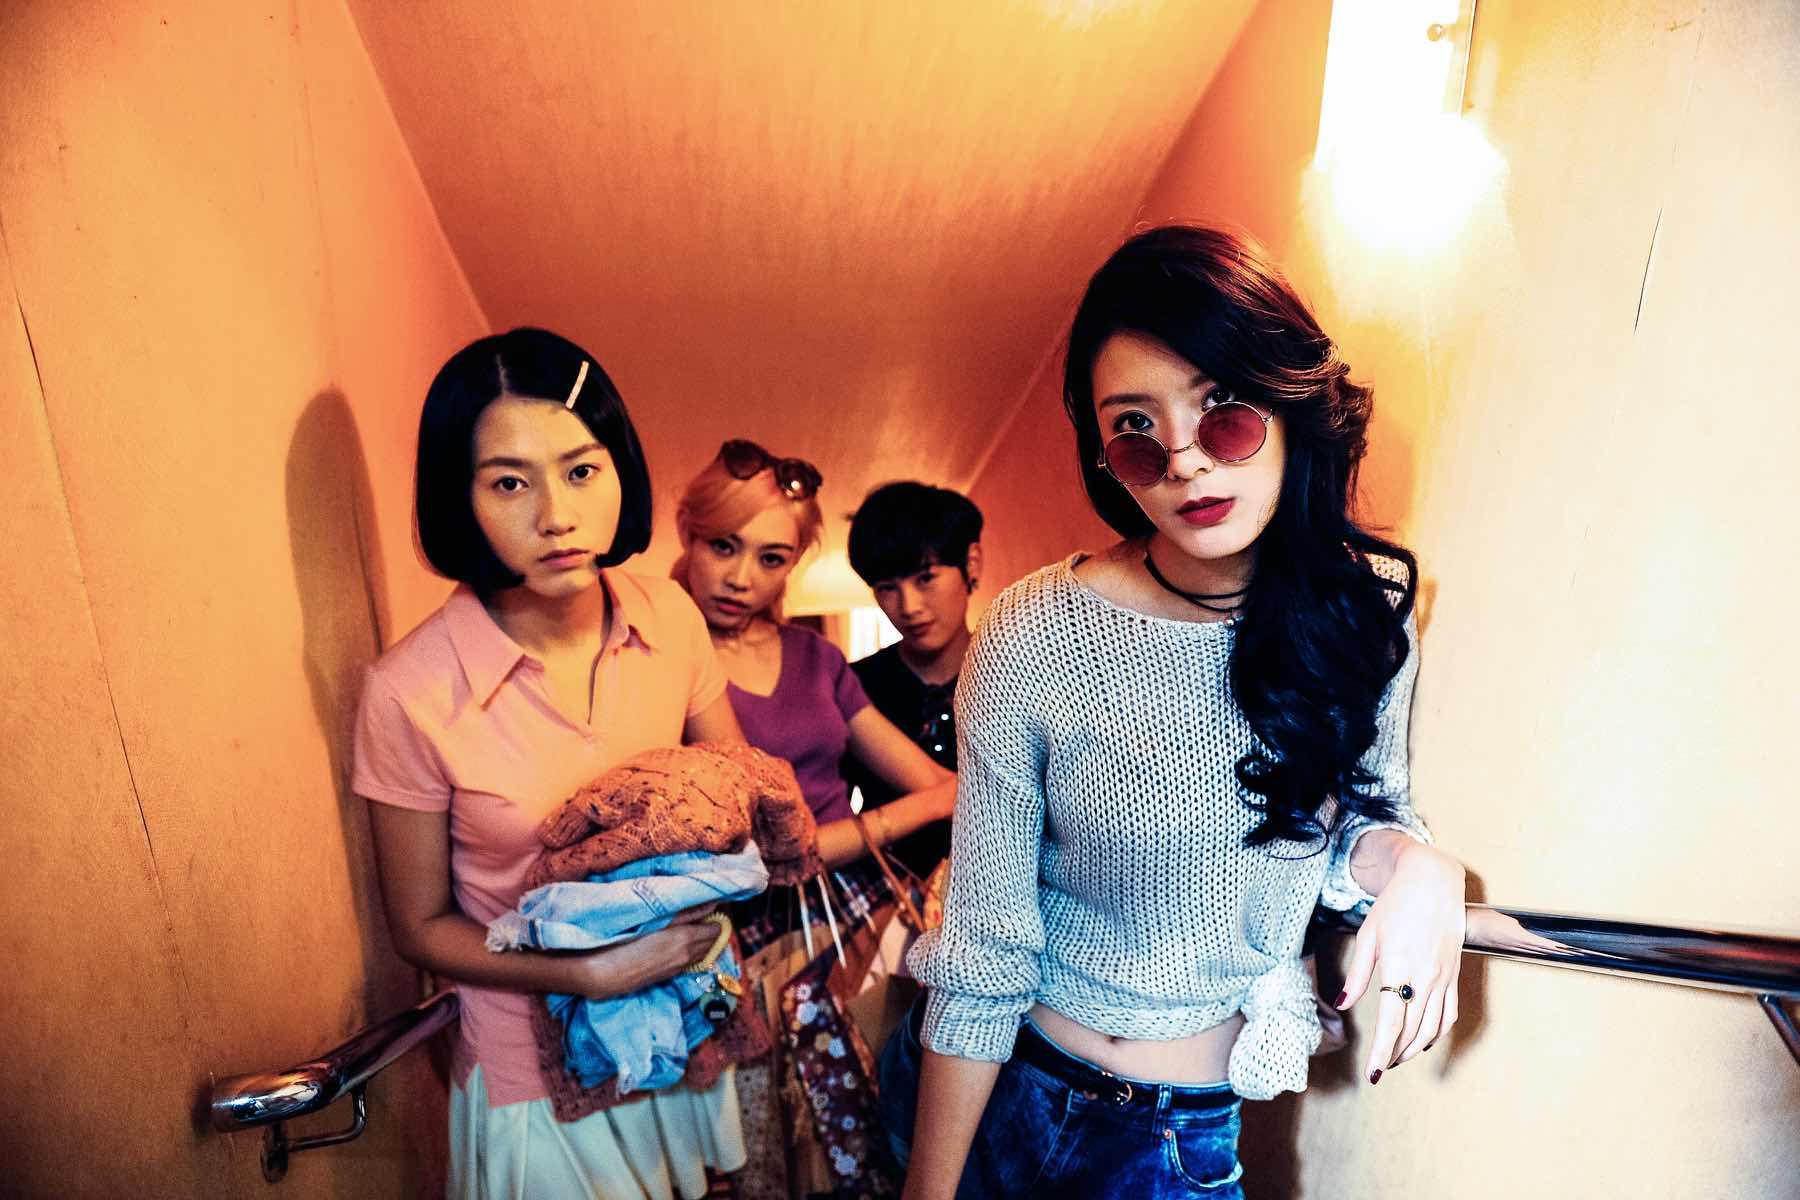 梁詠琪產後復出電影《骨妹》 即入圍首屆澳門國際影展